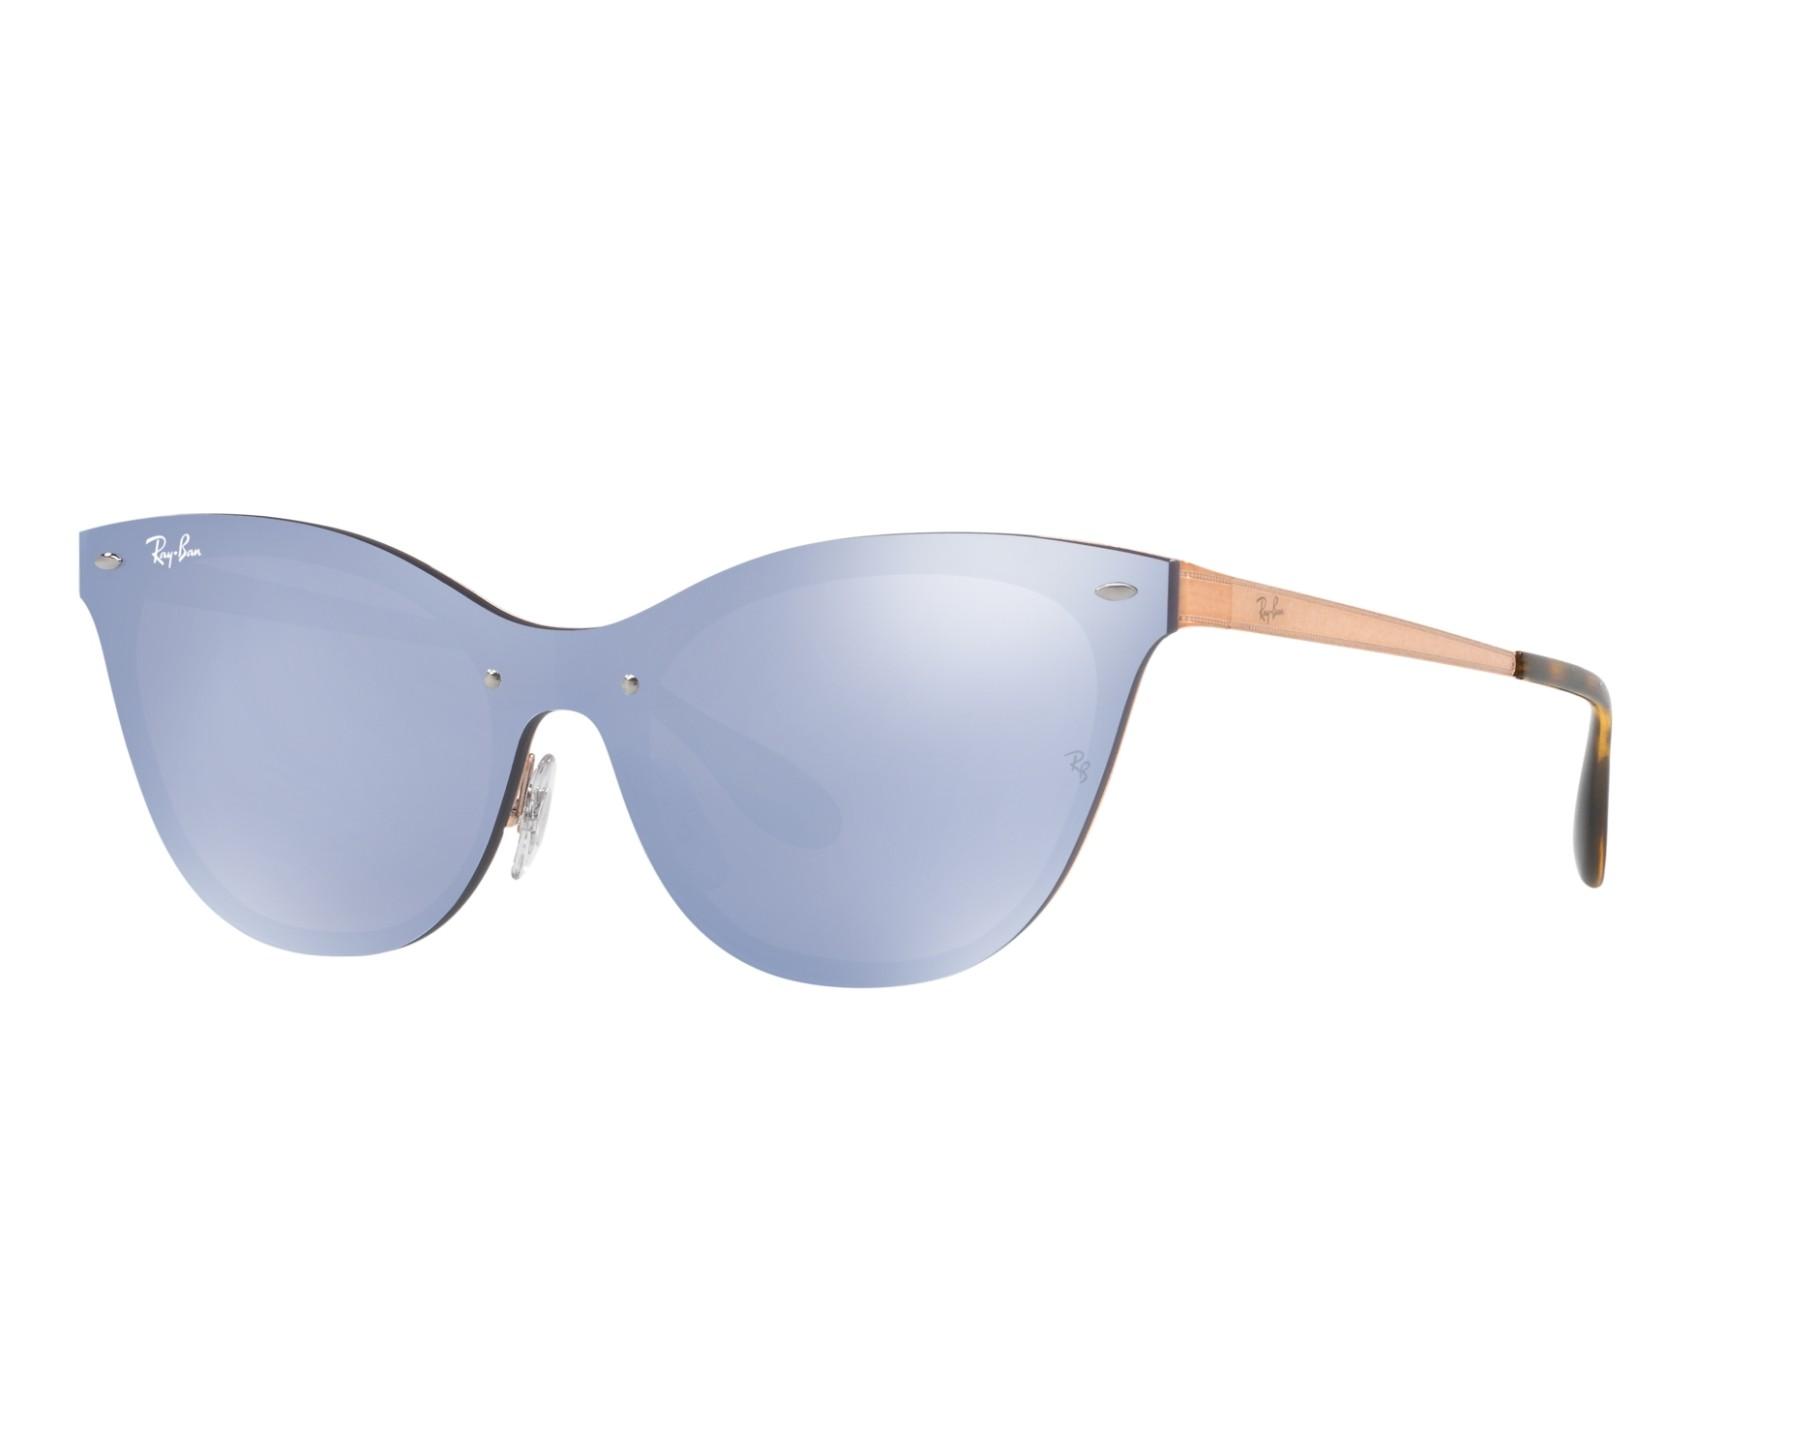 2a452b7206 Gafas de Sol Ray-Ban Blaze Cat Eye RB-3580-N 90391U